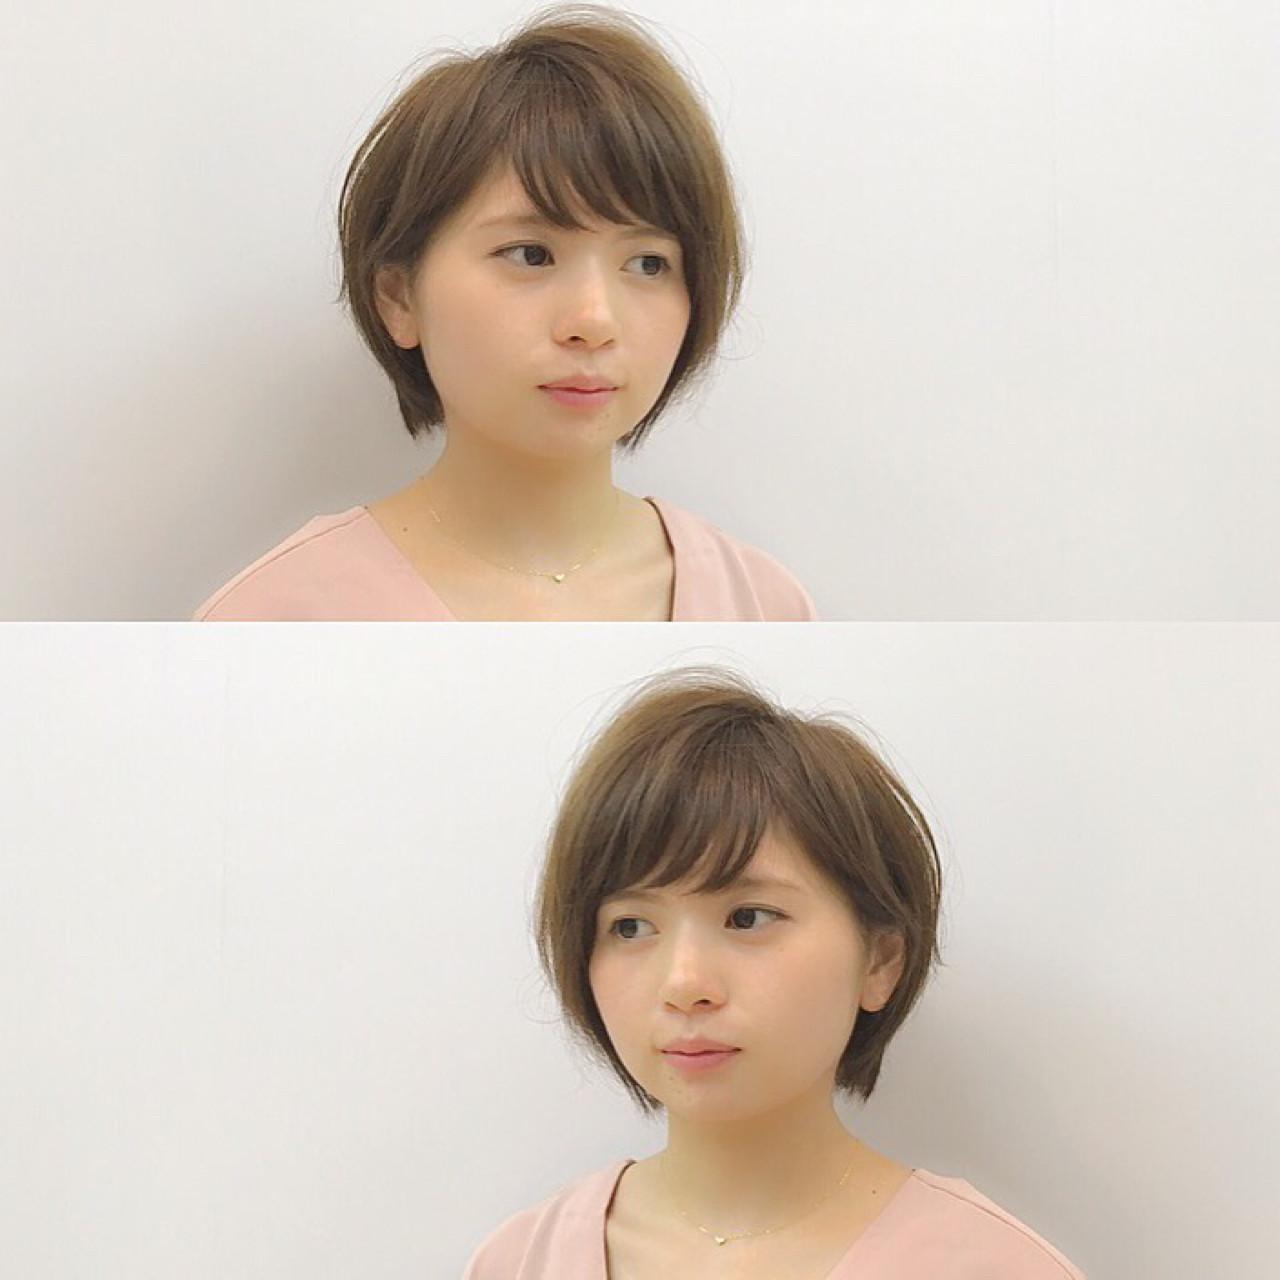 小顔 ボブ ショート ショートボブ ヘアスタイルや髪型の写真・画像 | Chiaki Mori / M.SLASH FIEL